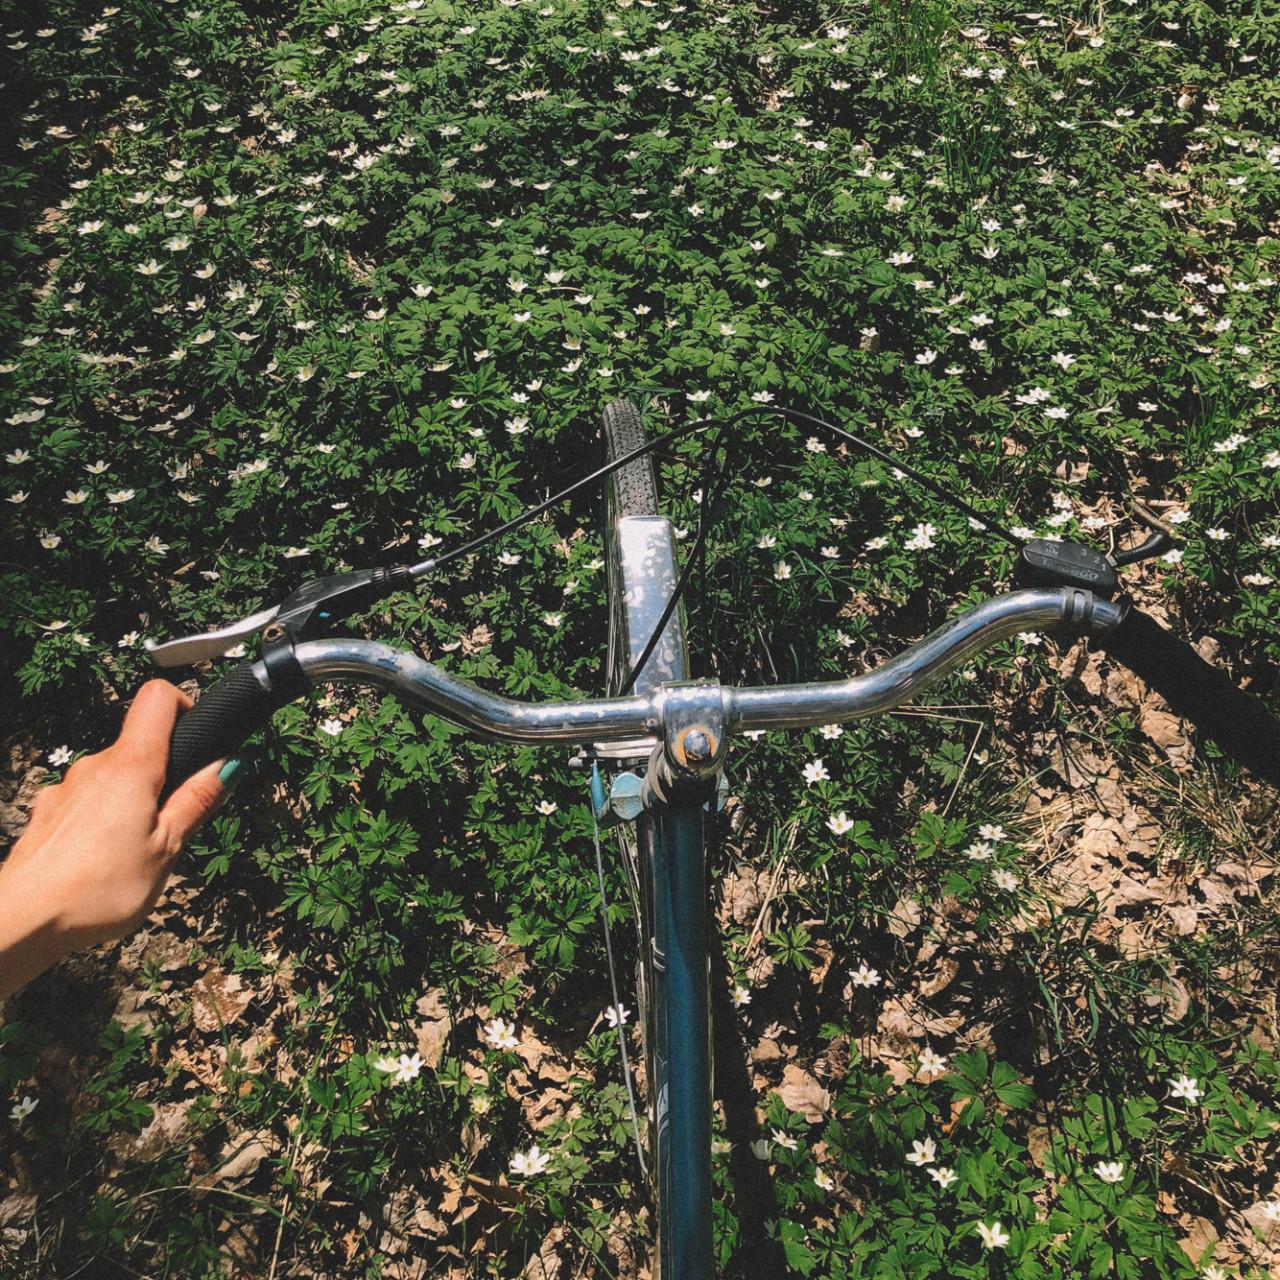 Frågor och svar om att cykla i stan, dela landställe med släkten och hitta samtalsämnen